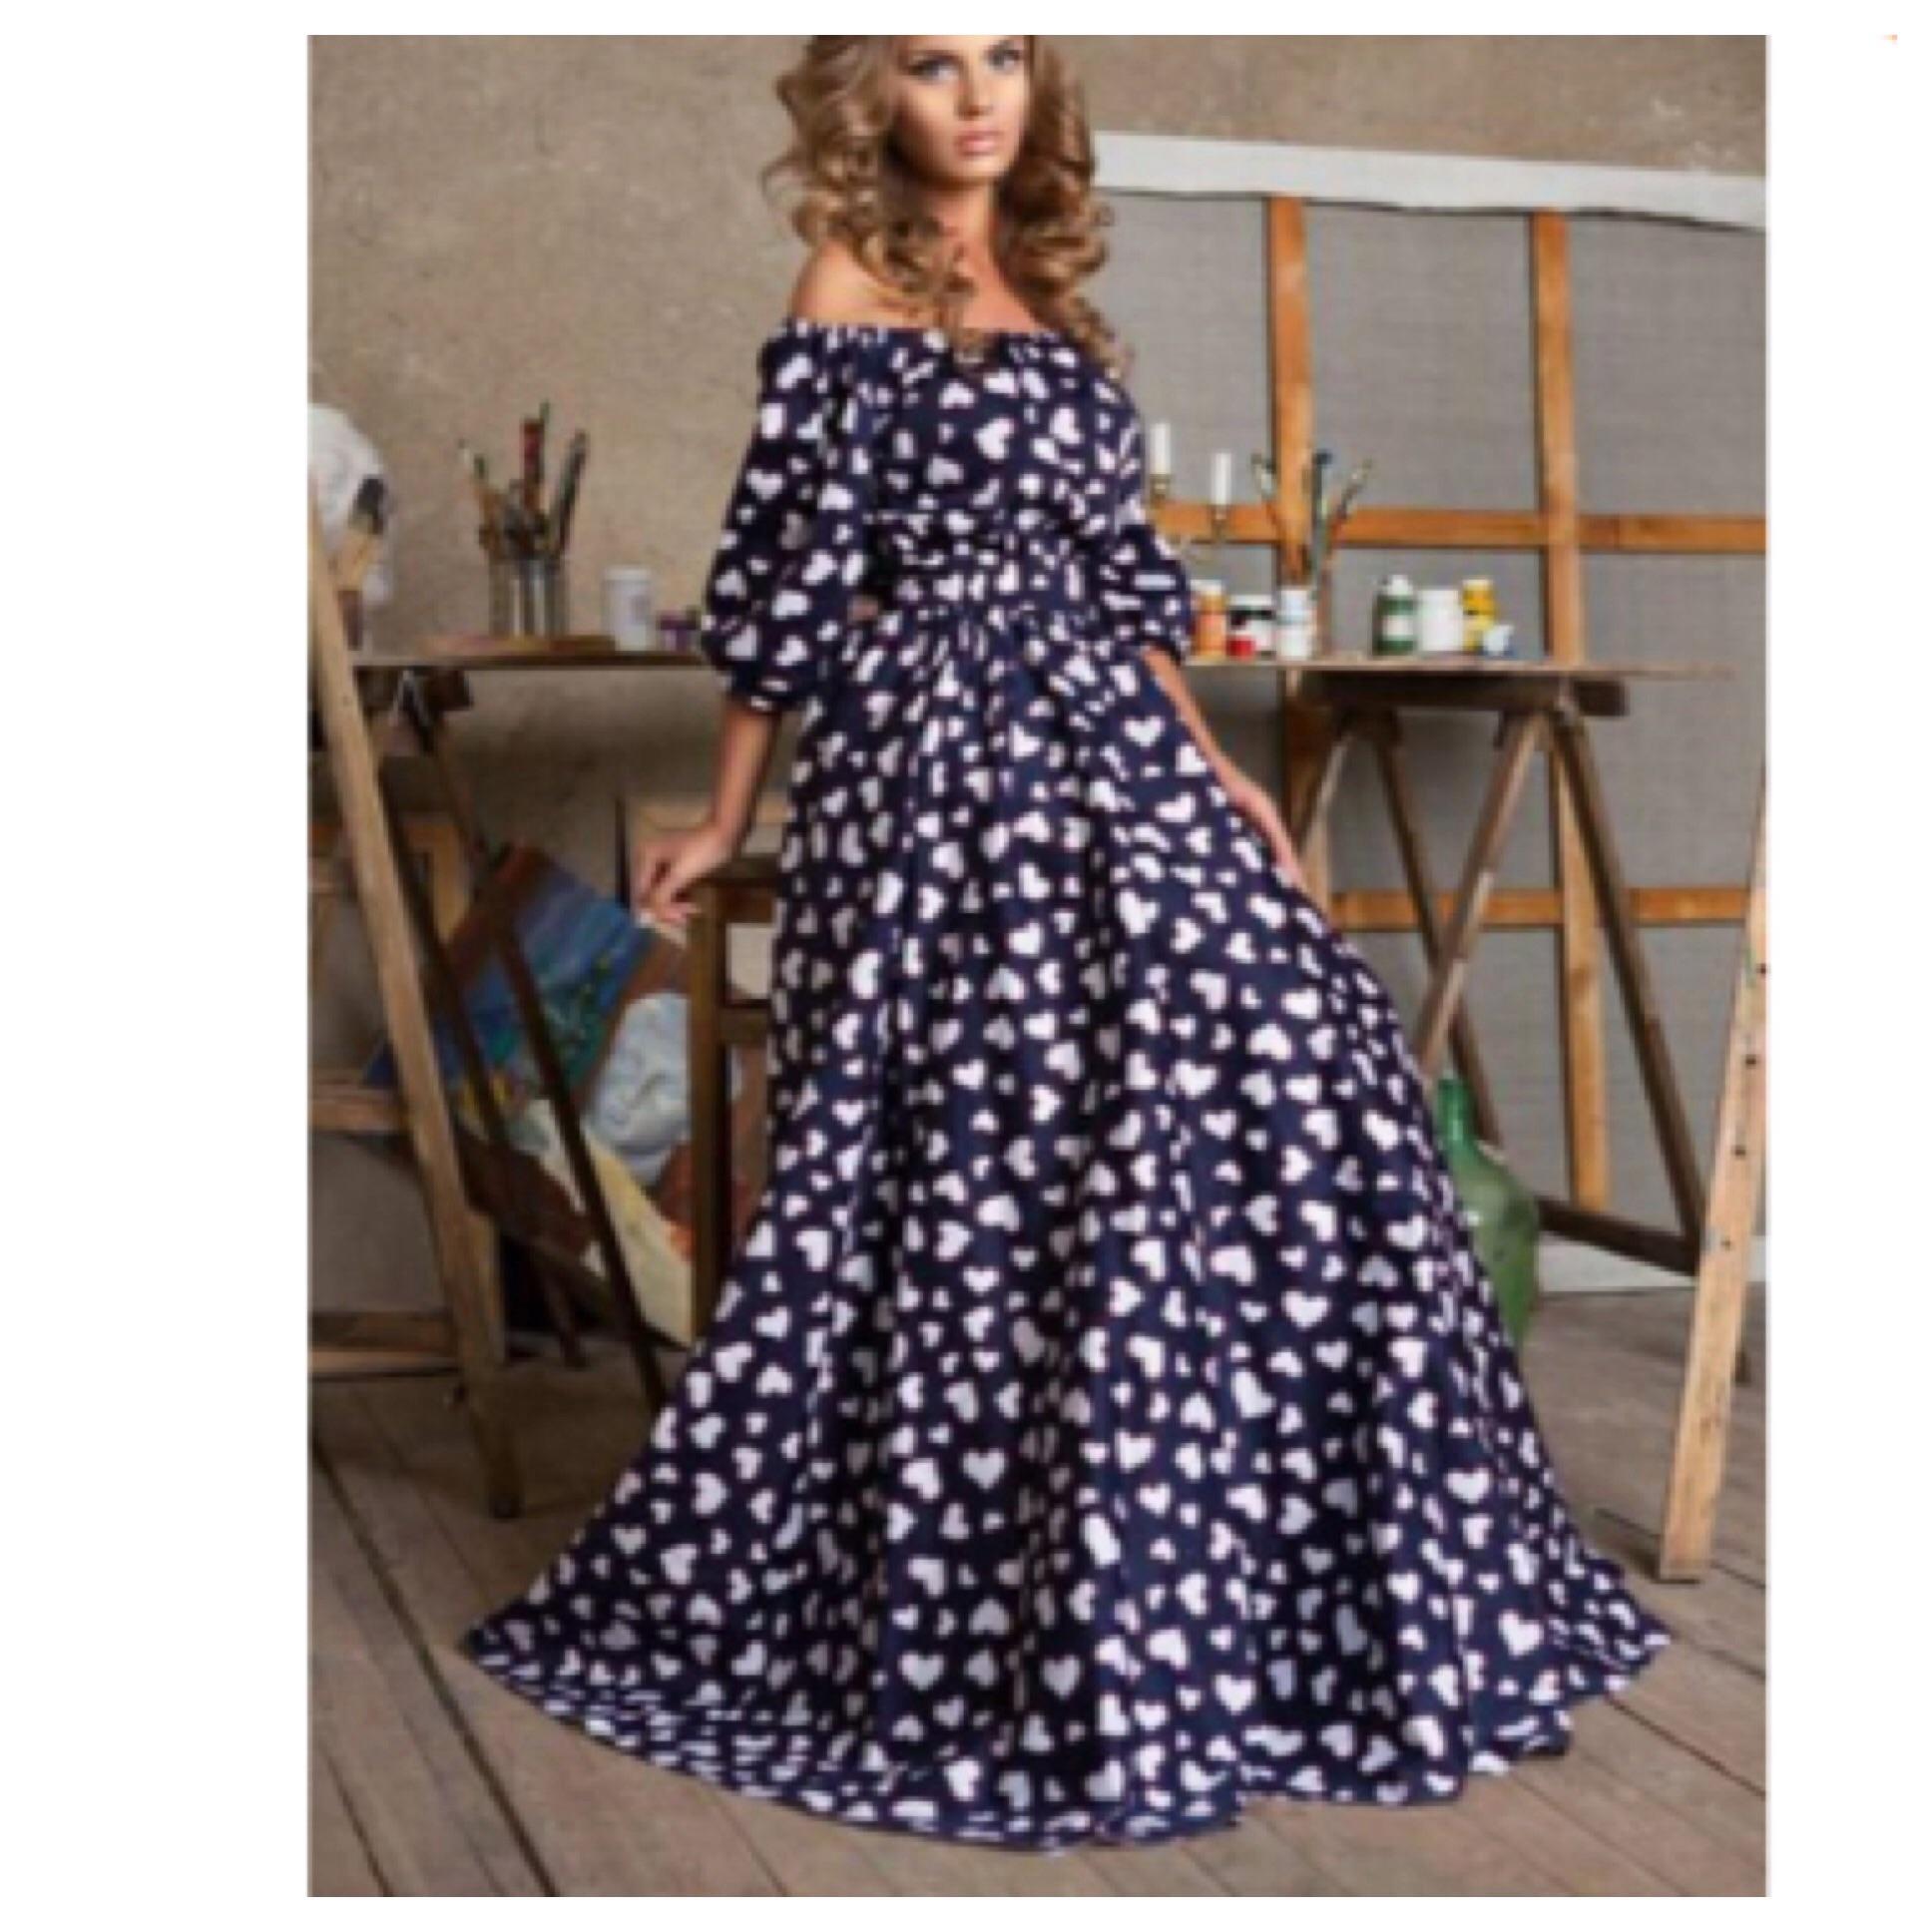 Vintage dress shops nh